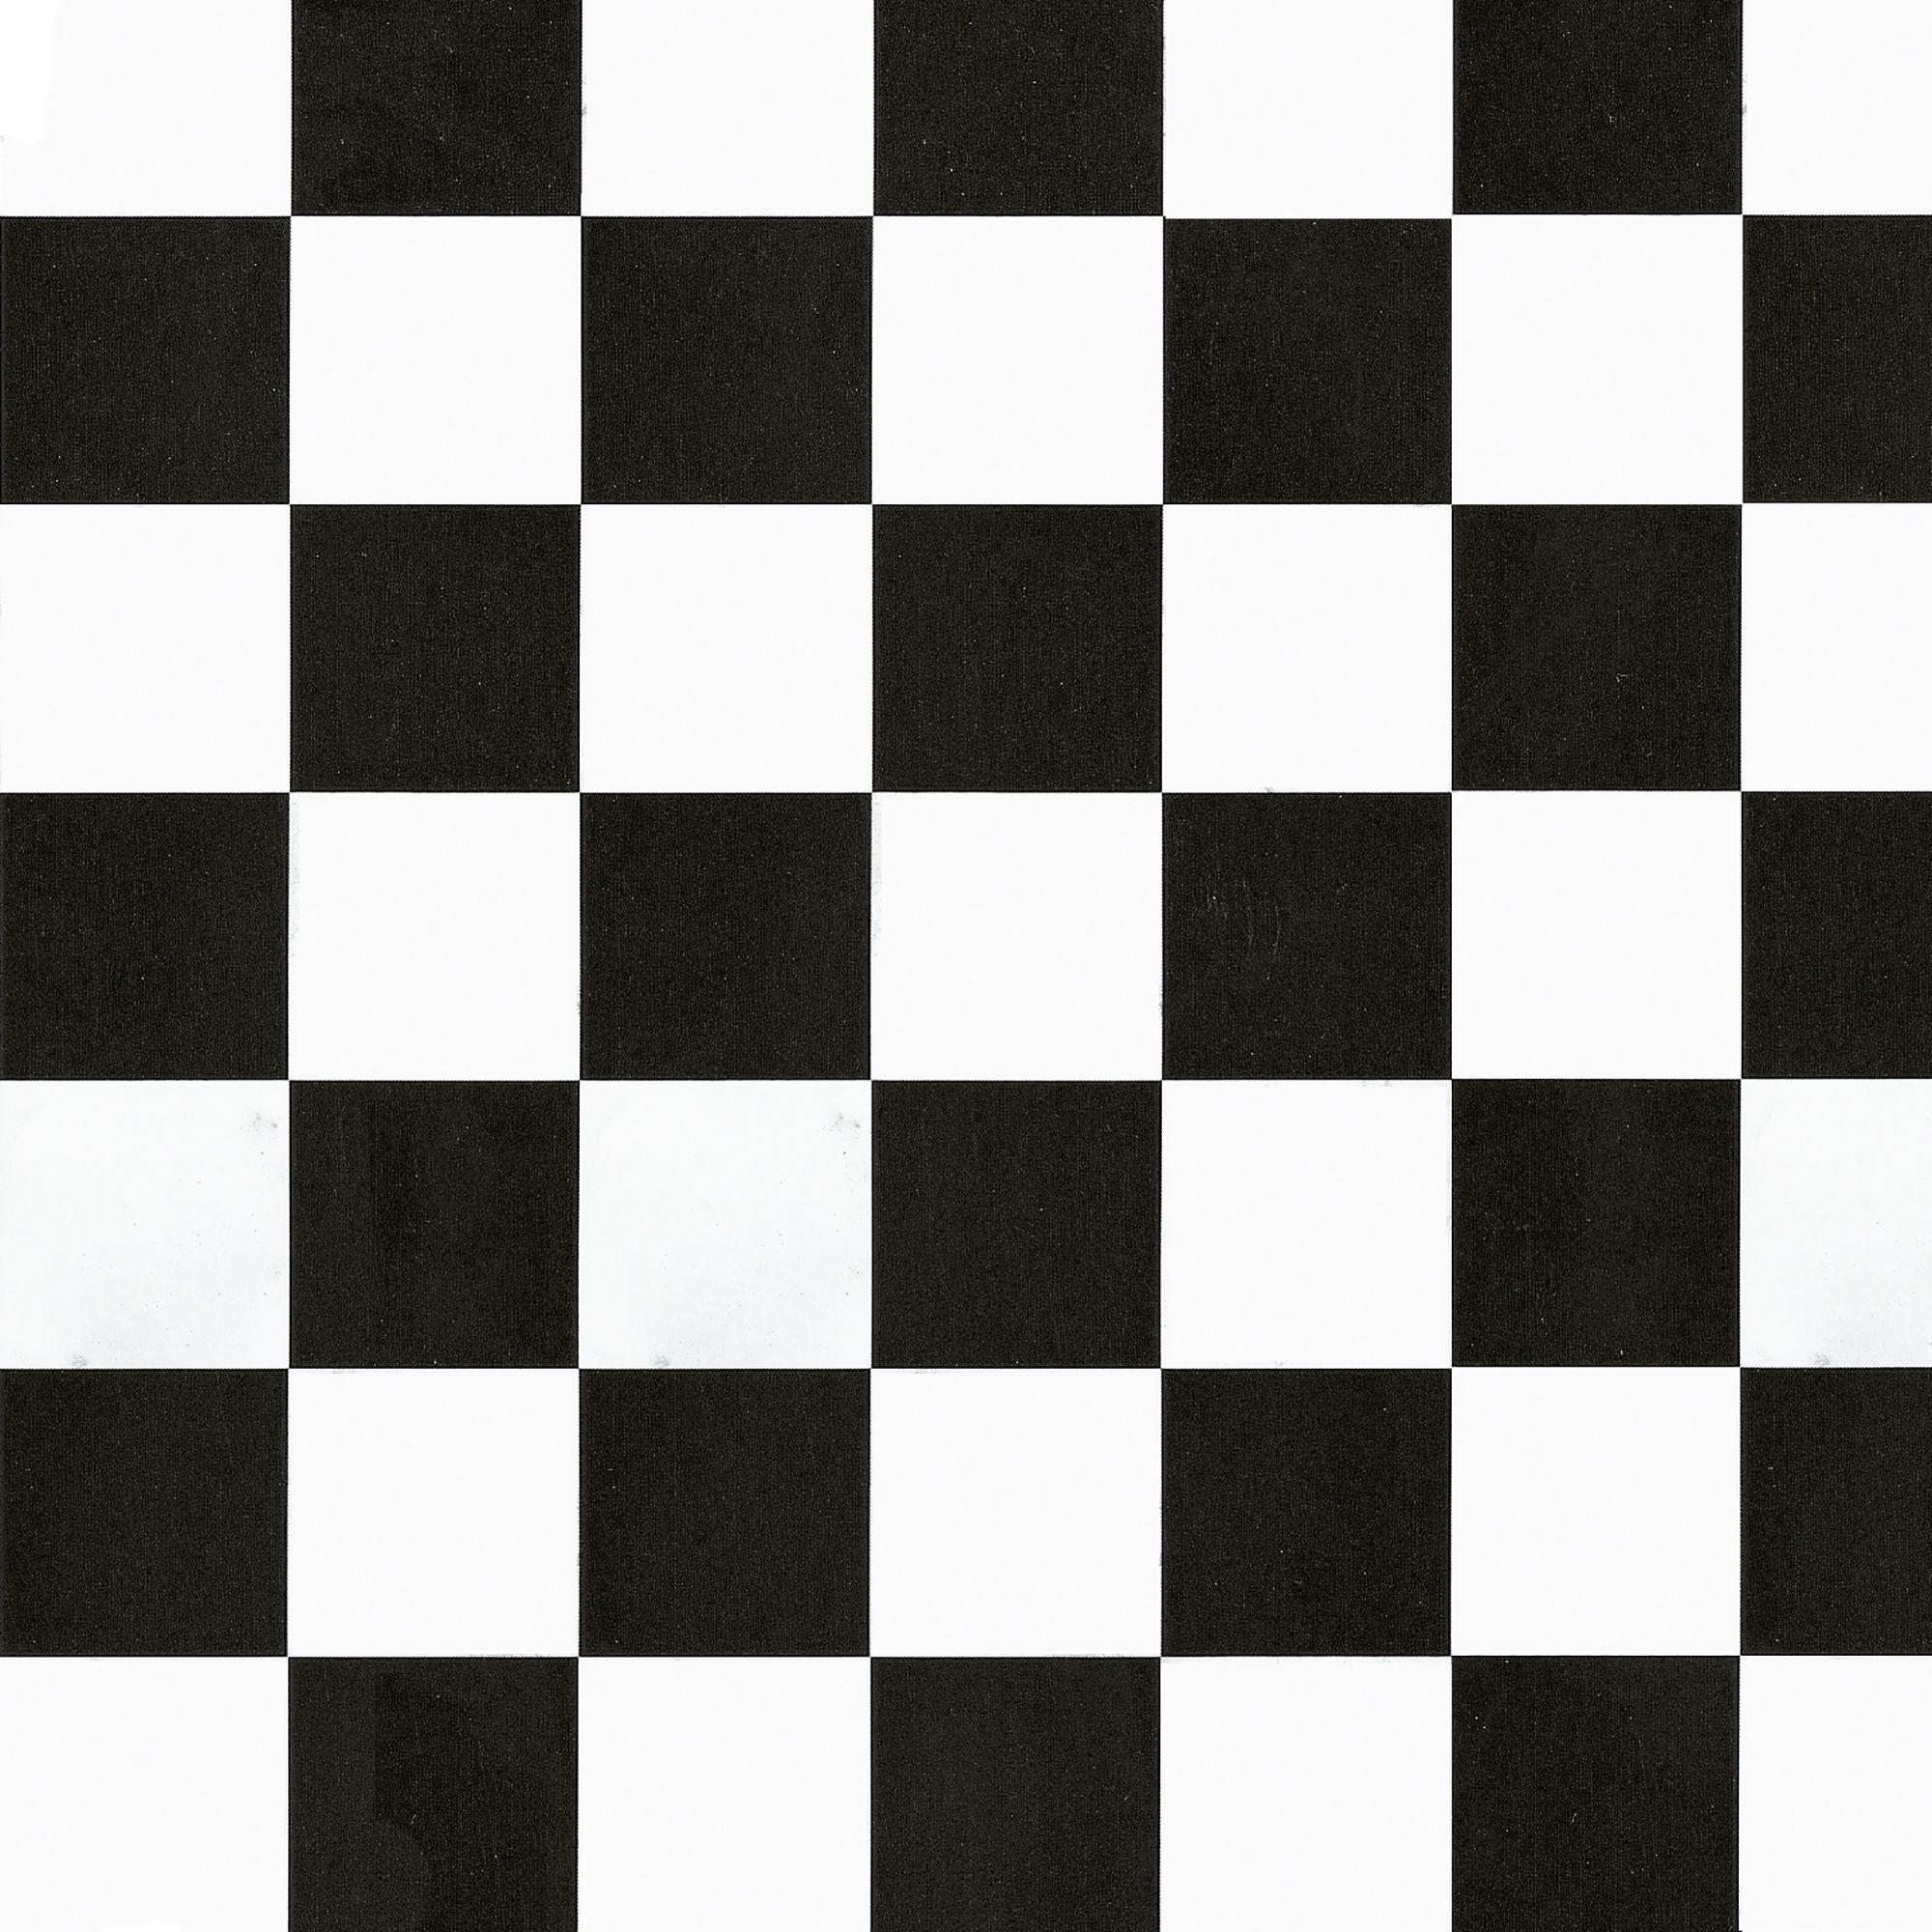 D C Fix Checkerboard Black Amp White Self Adhesive Film L